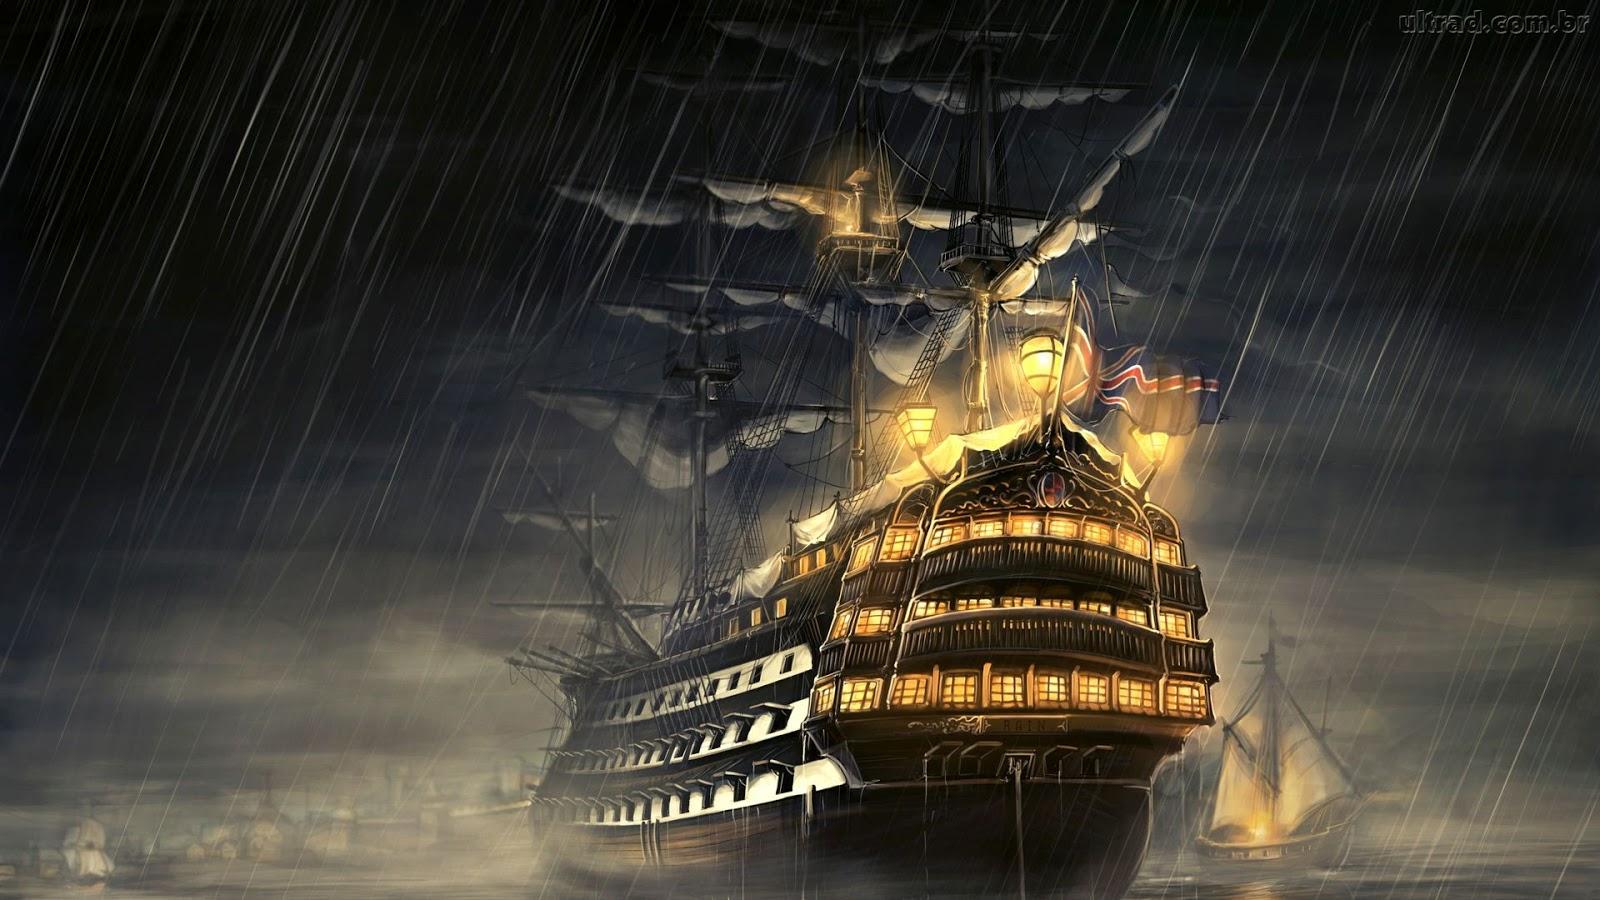 barcos antiguos wallpaper - photo #20